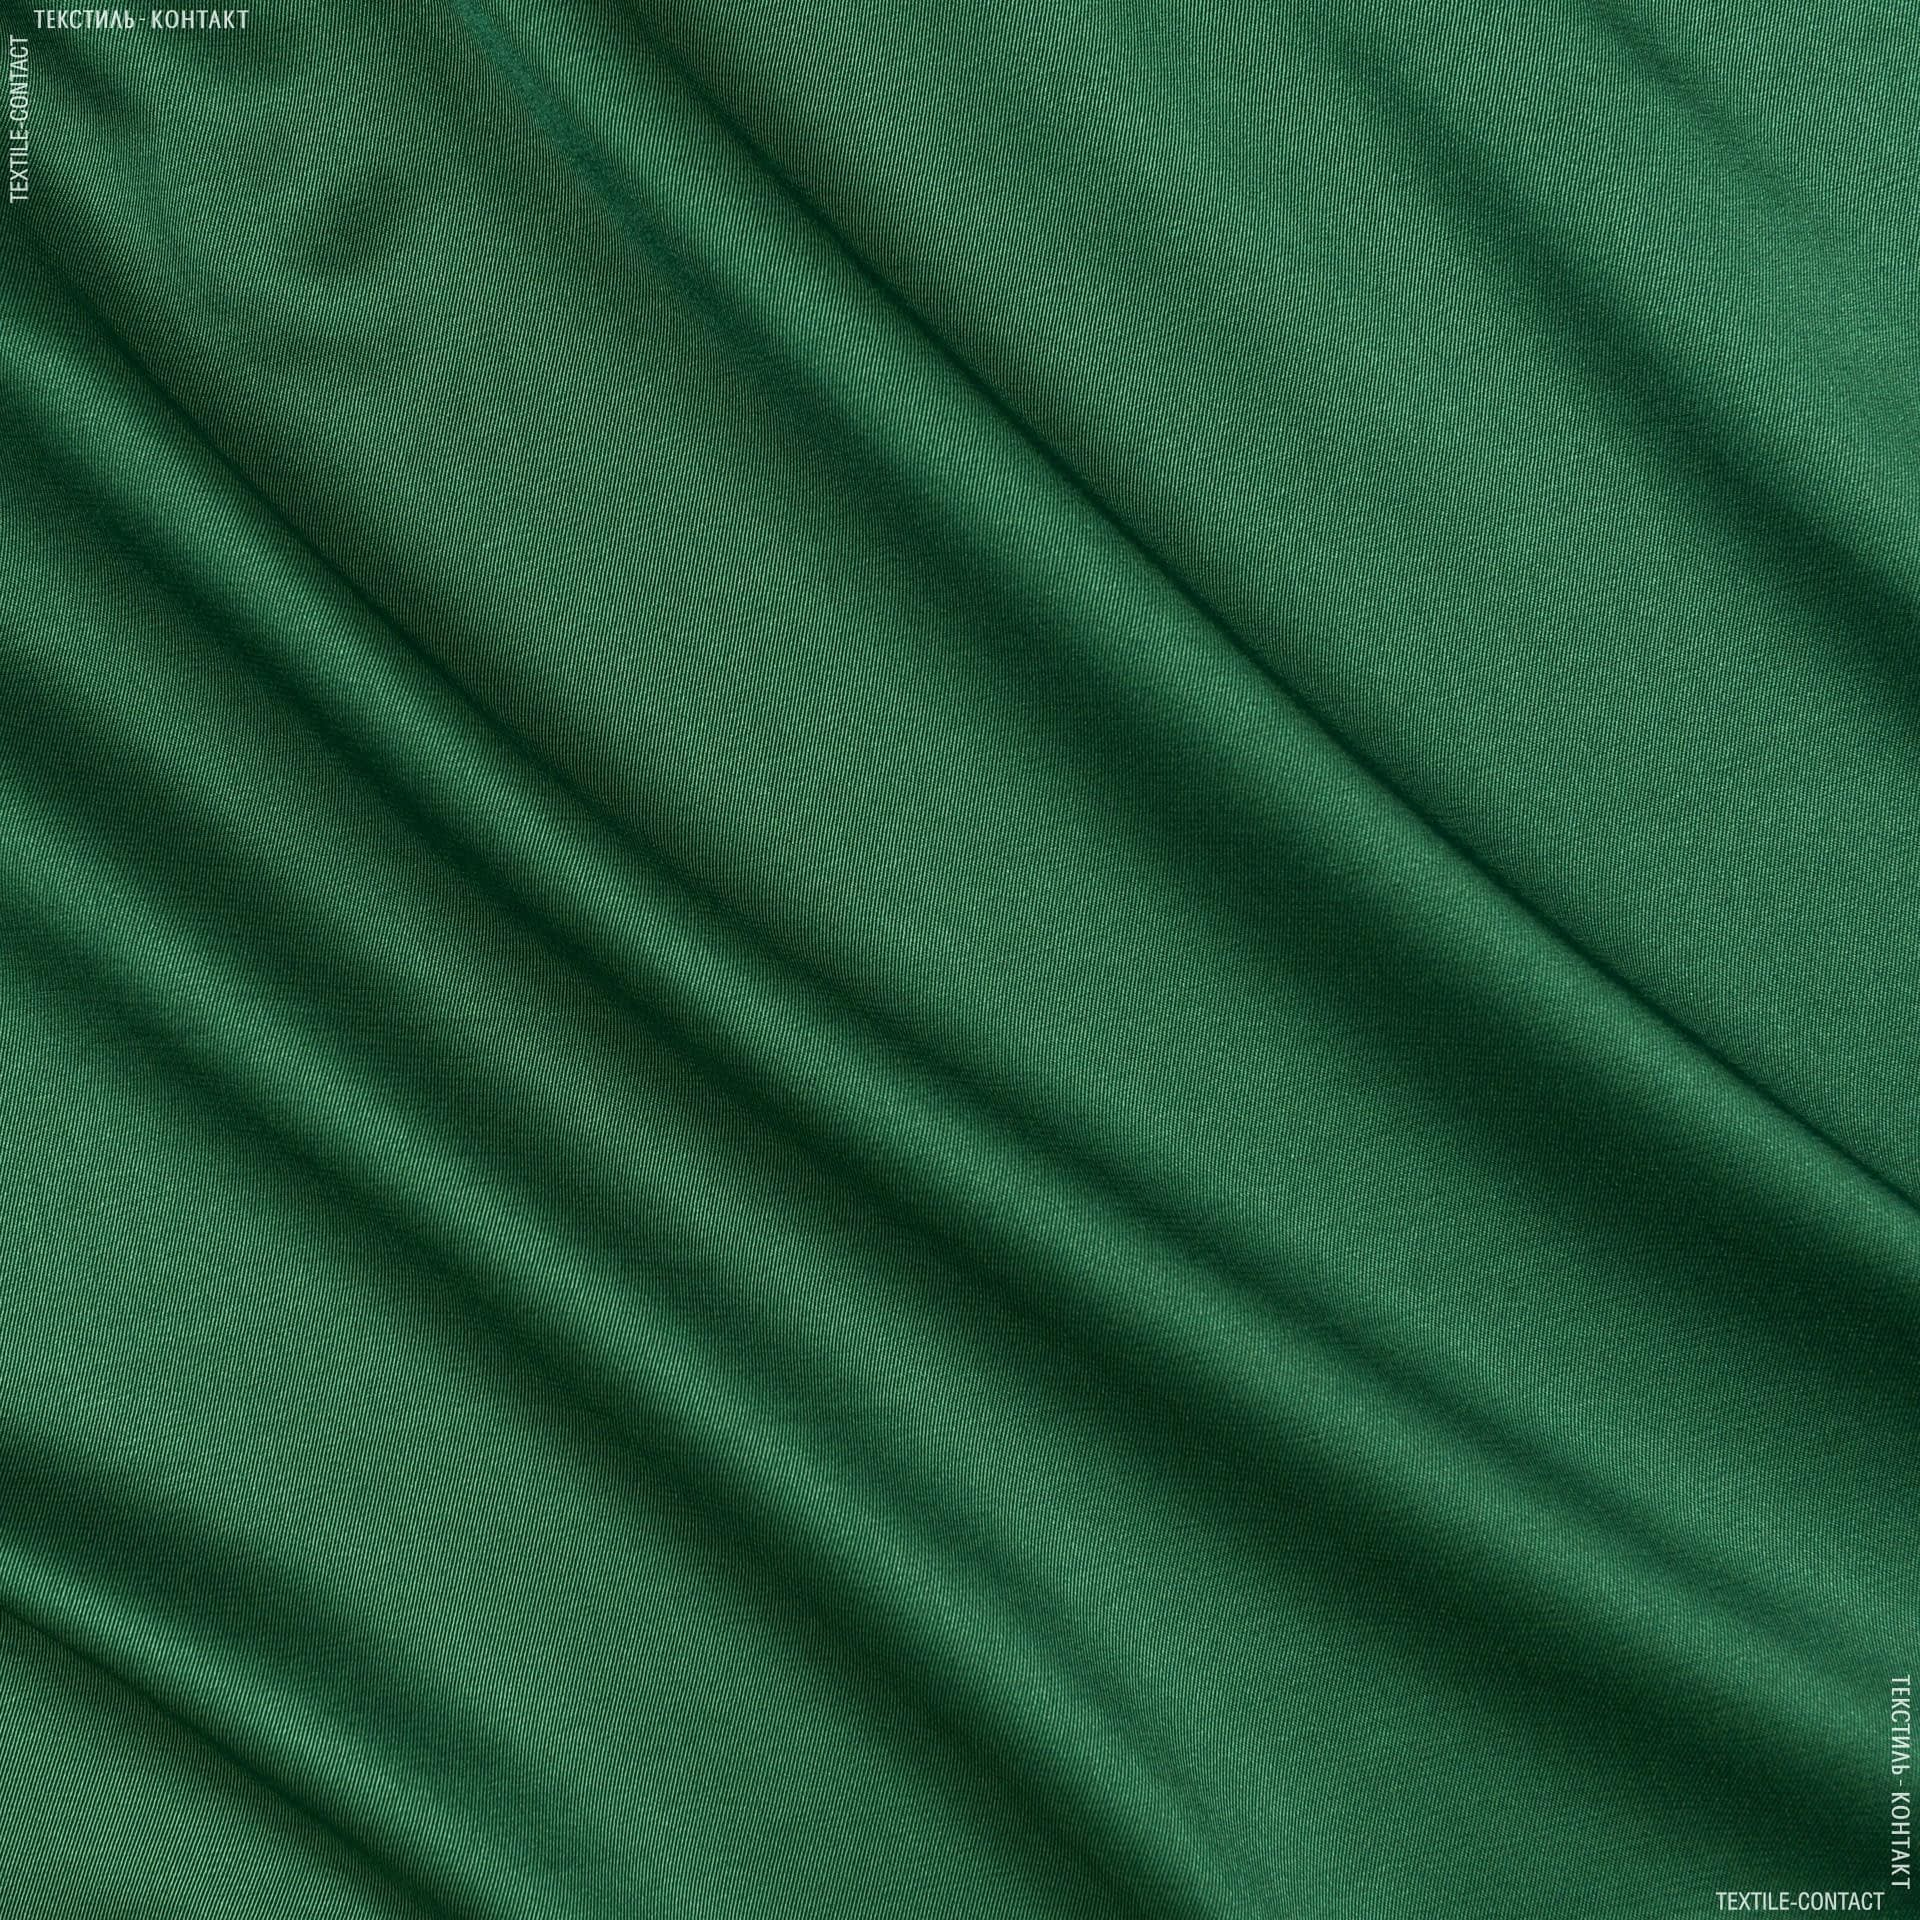 Тканини для спецодягу - Плащова тканина ортон ф зелена во